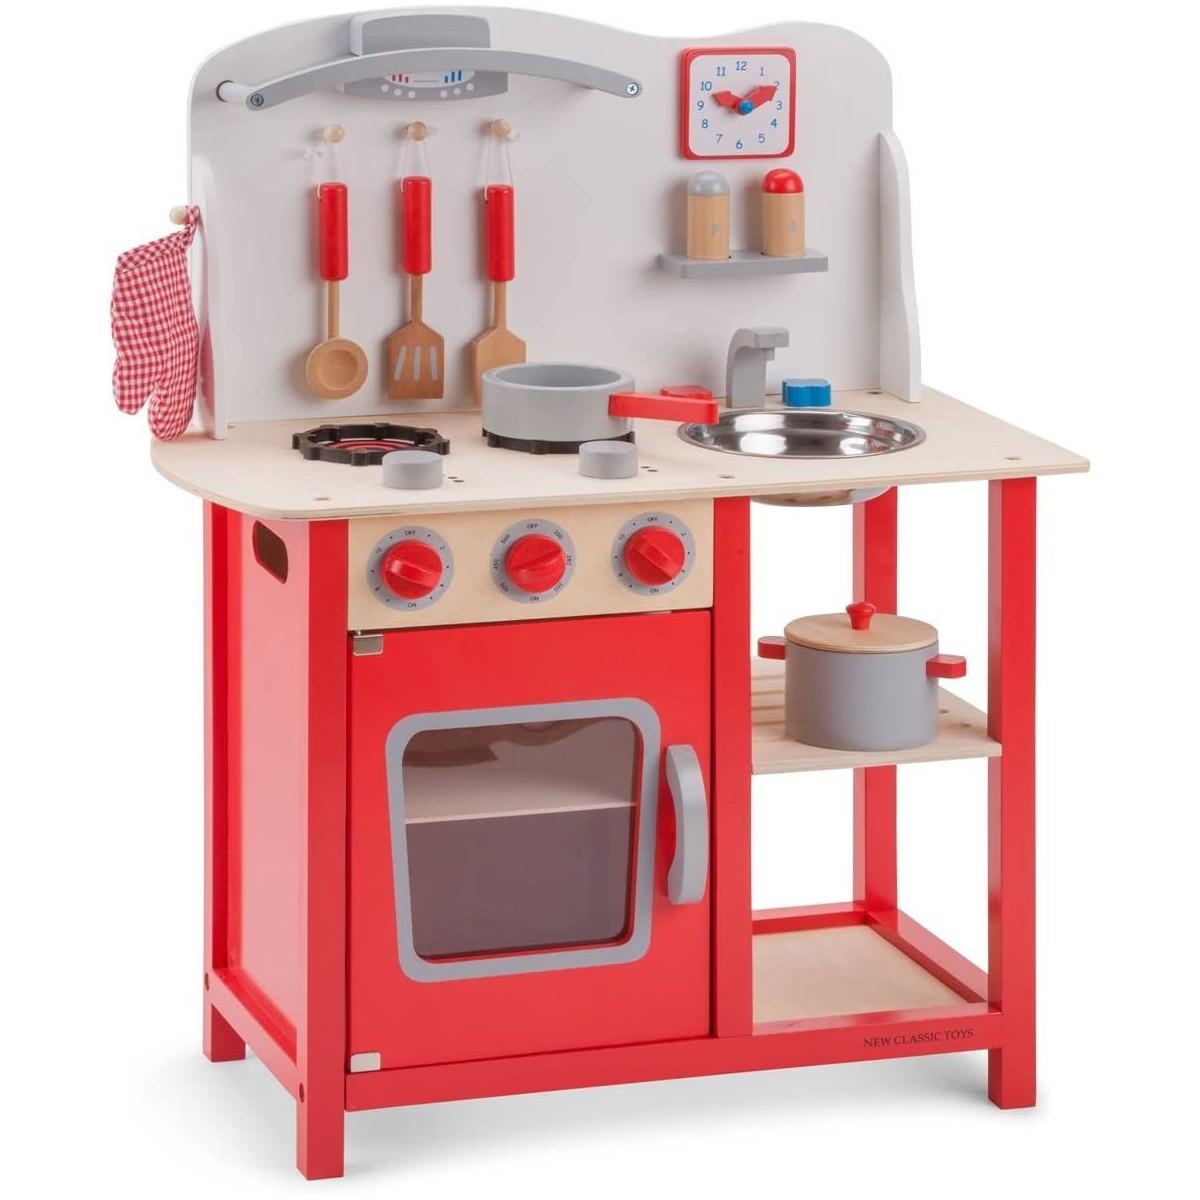 Cucina Stile Classico In Legno Per Bambini Colore Rosso